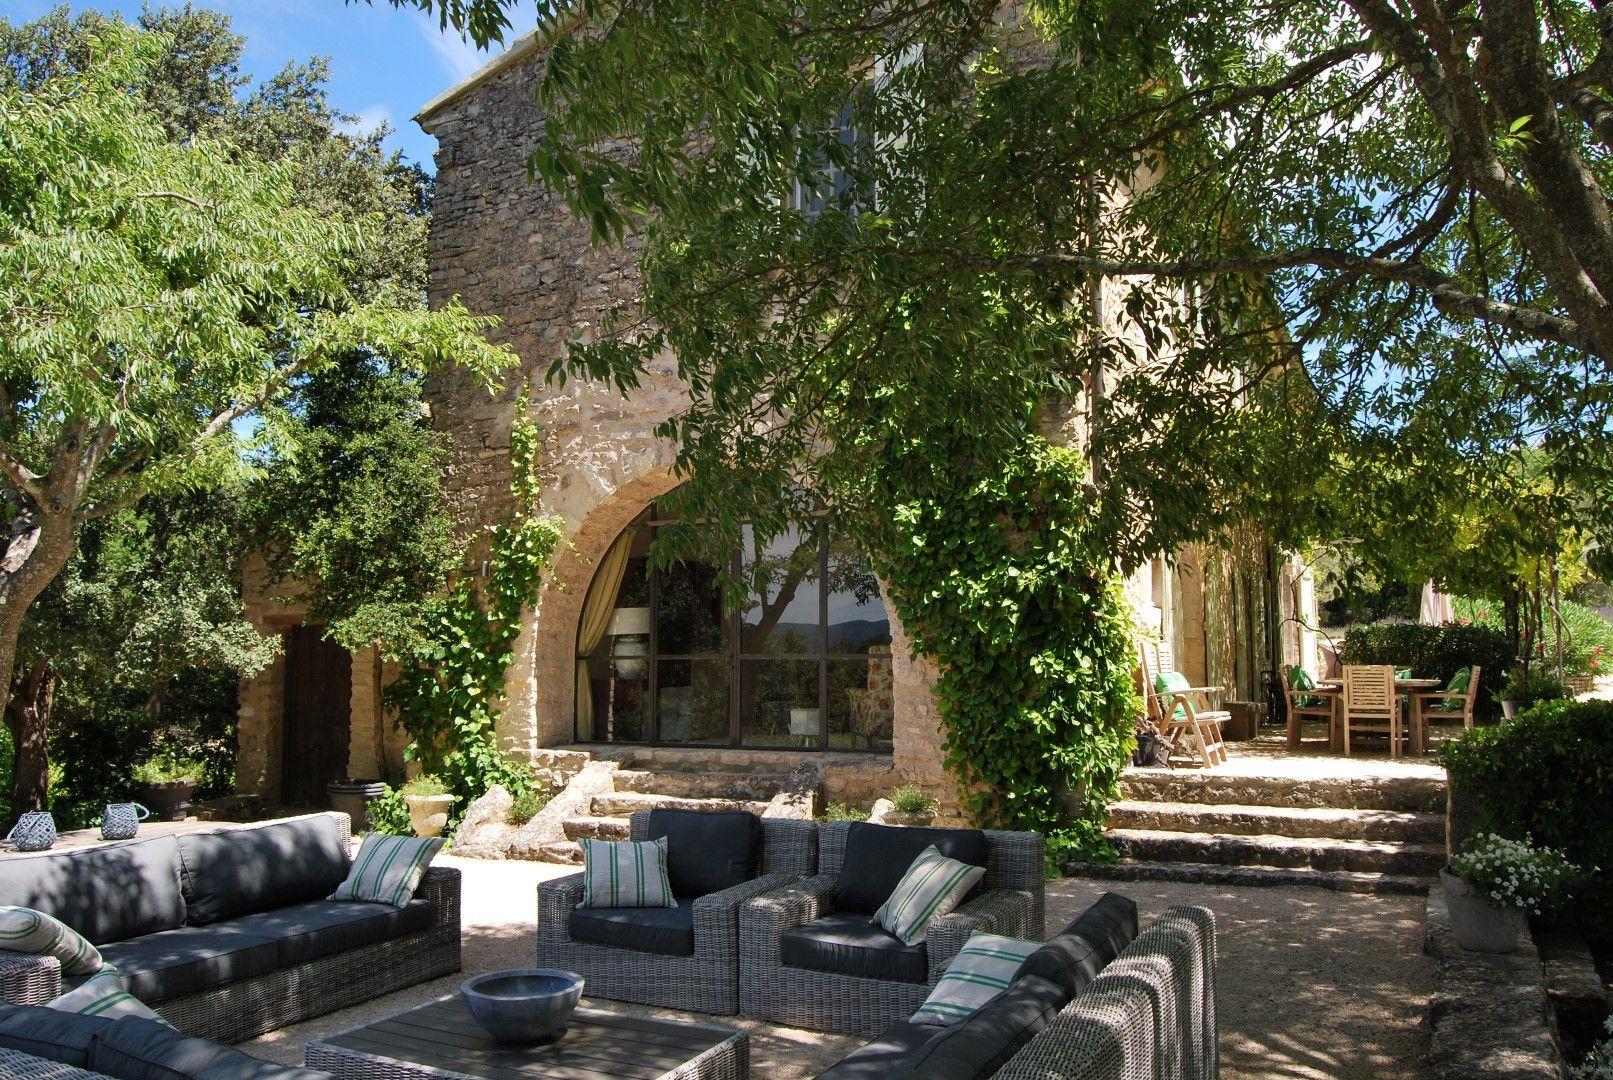 Mas Mélodie - En plein coeur du Luberon, authentique mas provençal avec piscine chauffée (16 x 5 m), terrasses ombragées. Au milieu de 4 hectares de terrain en partie boisé  la propriété bénéficie d'une jolie vue sur la vallée.